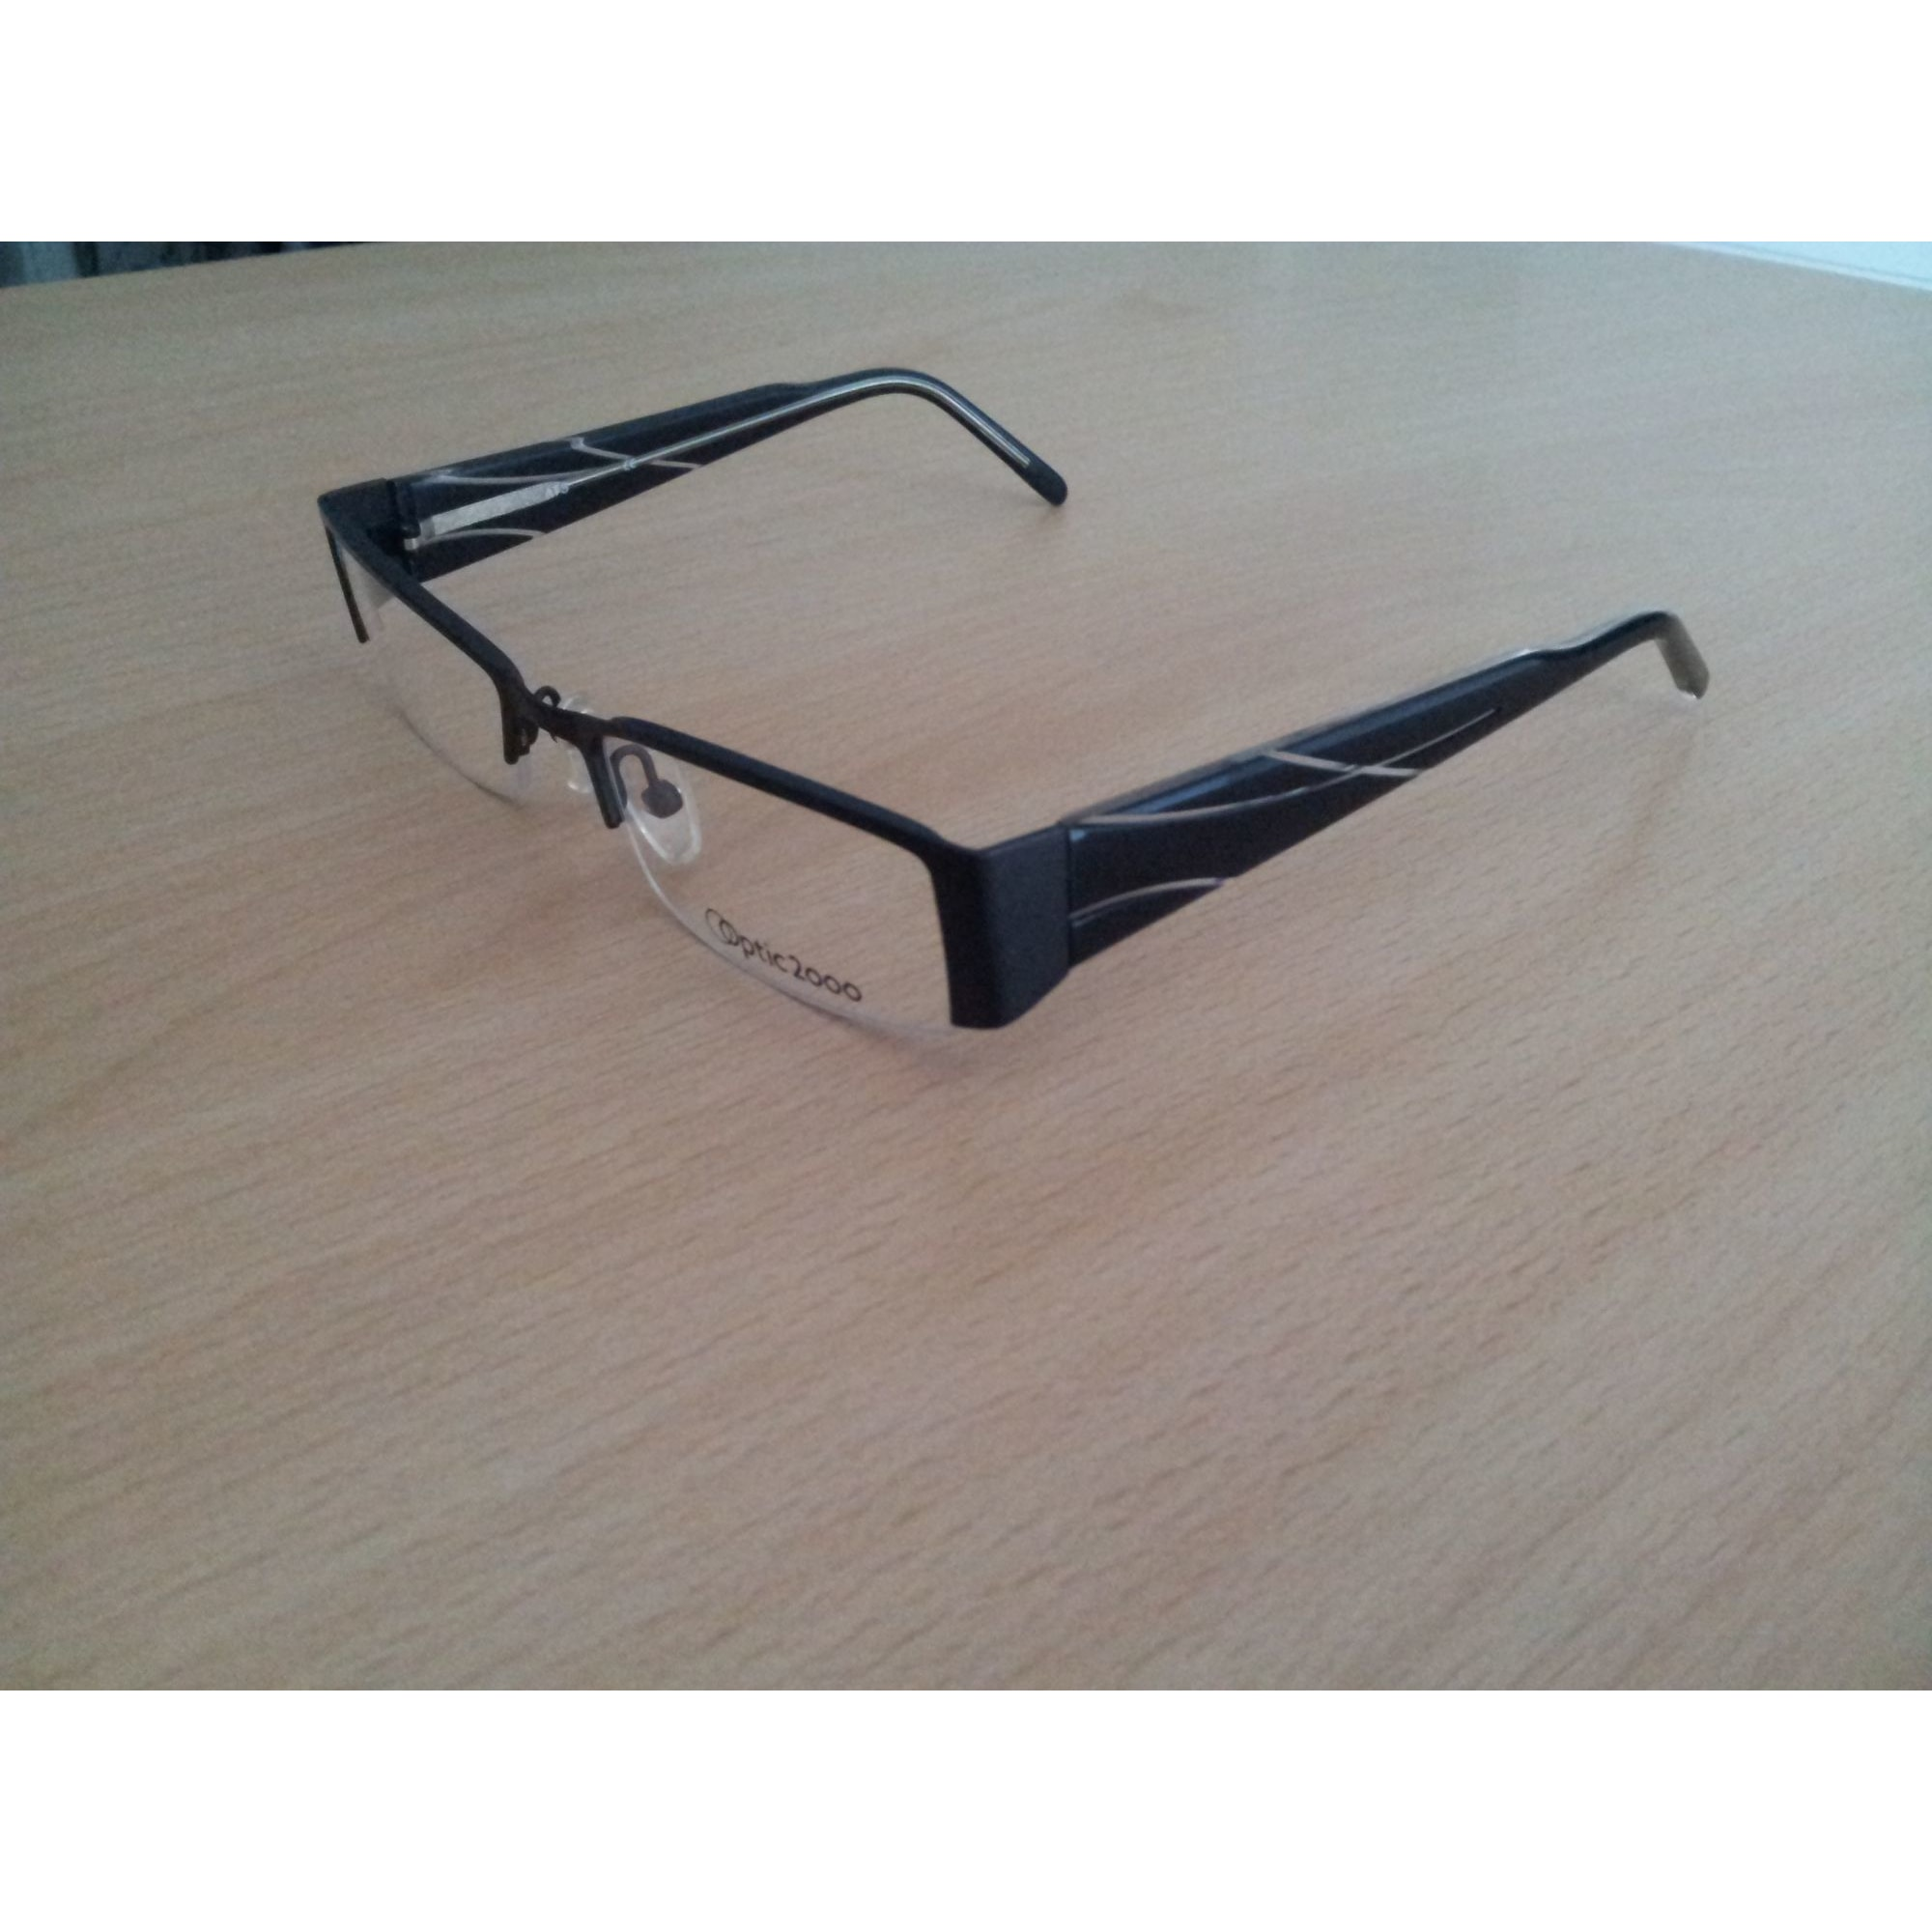 nouveau produit 0affb d4987 Monture de lunettes